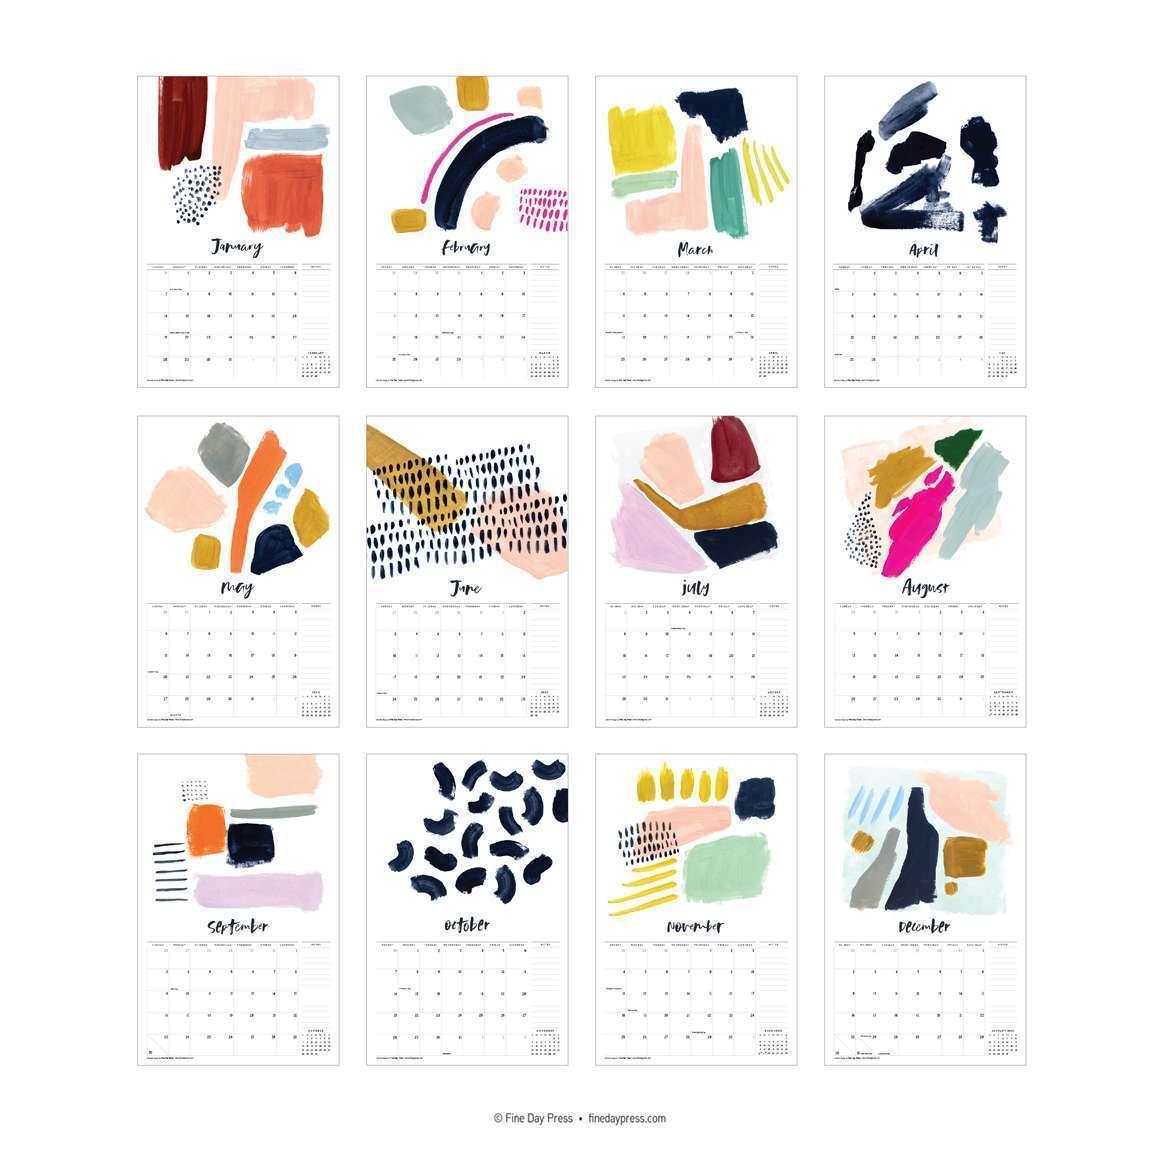 Calendar Abstract Art : Abstract art wall calendar fine day press